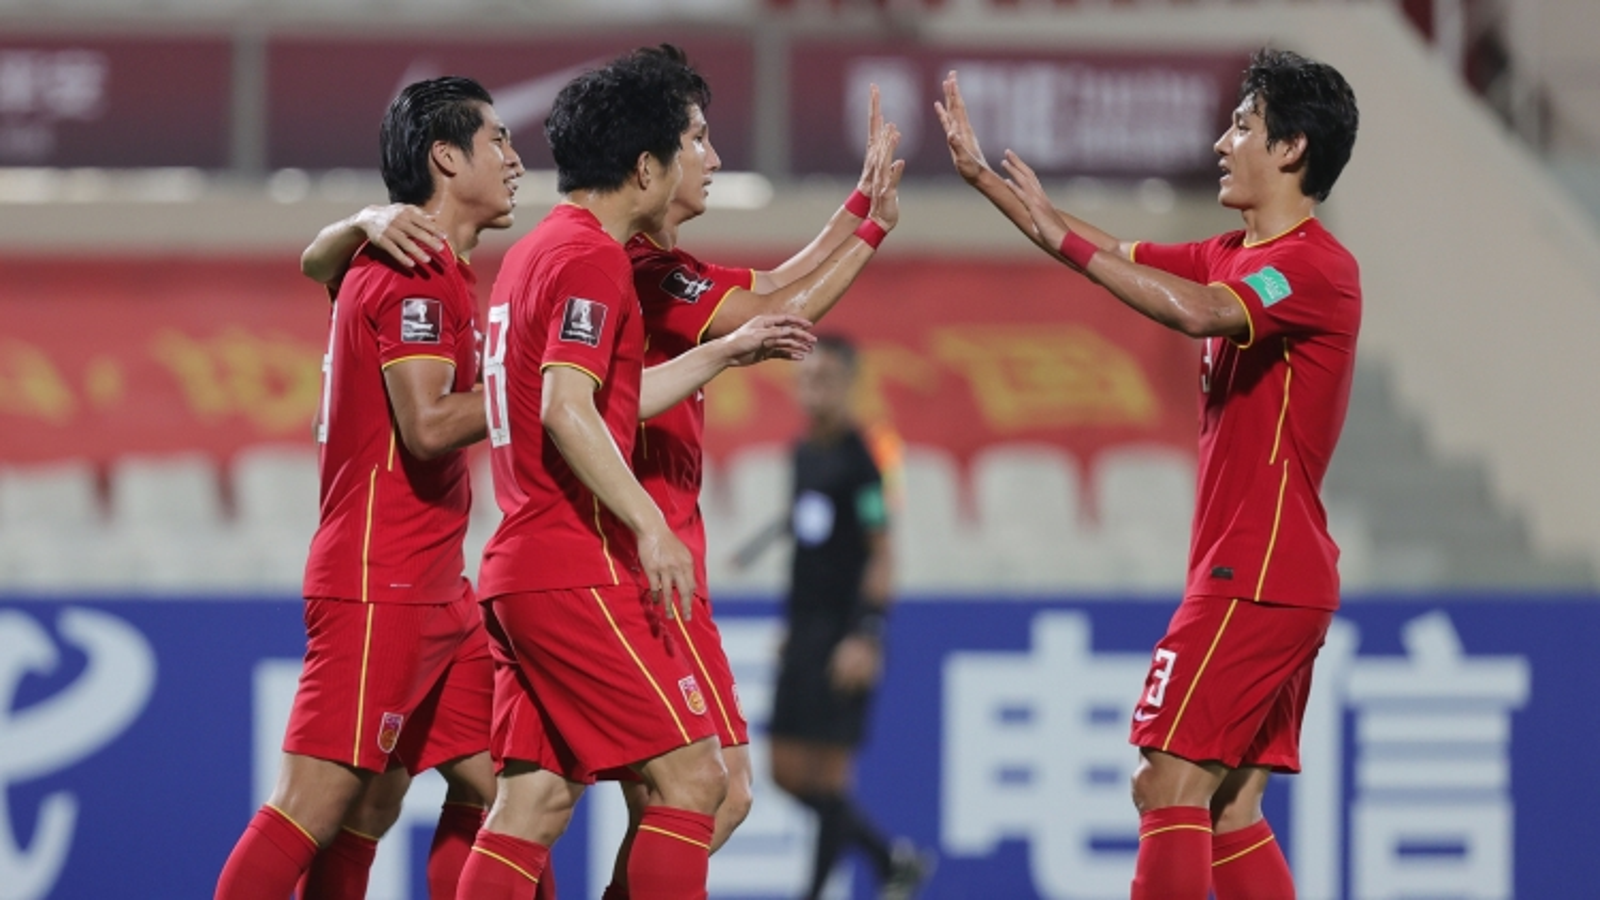 Vòng loại World Cup 2022: Bóng đá Trung Quốc gặp khó khăn tương tự như Việt Nam